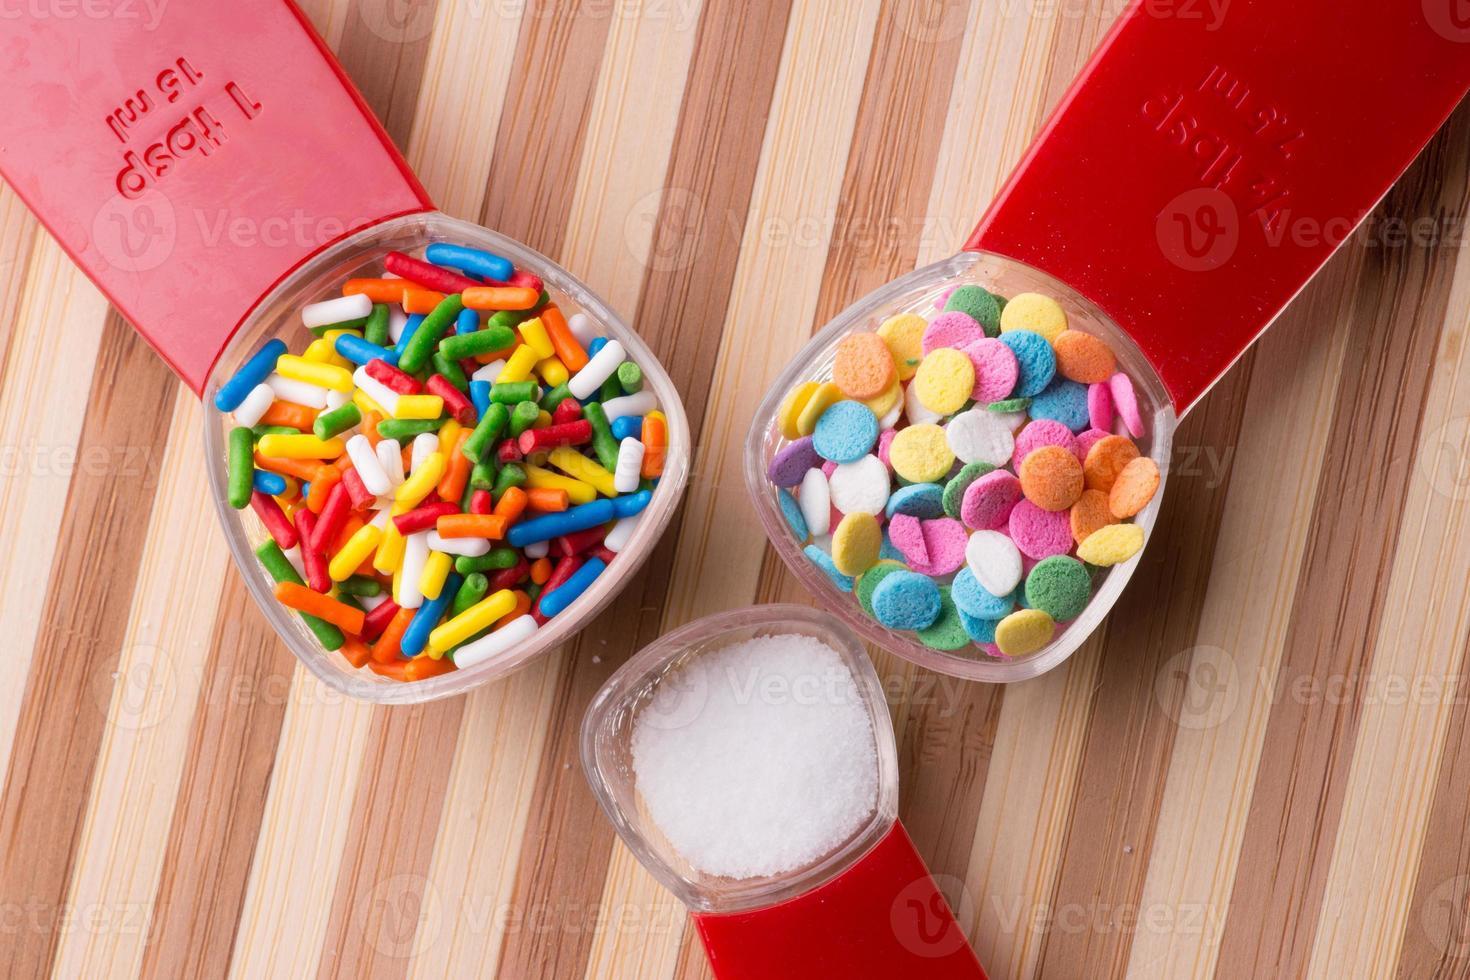 medição de doces - cozimento foto